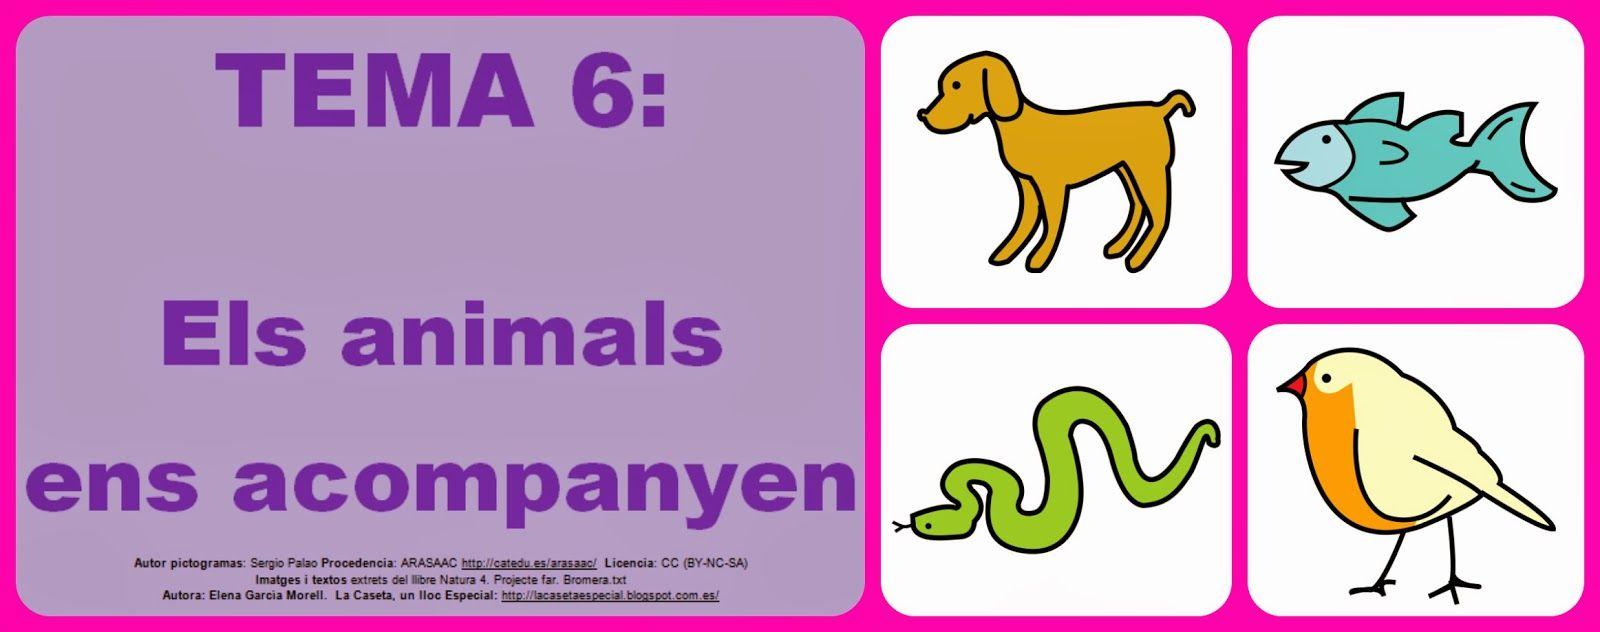 http://lacasetaespecial.blogspot.com.es/2015/03/joc-lim-els-animals.html    La Caseta, un lloc especial: Joc LIM: Els animals